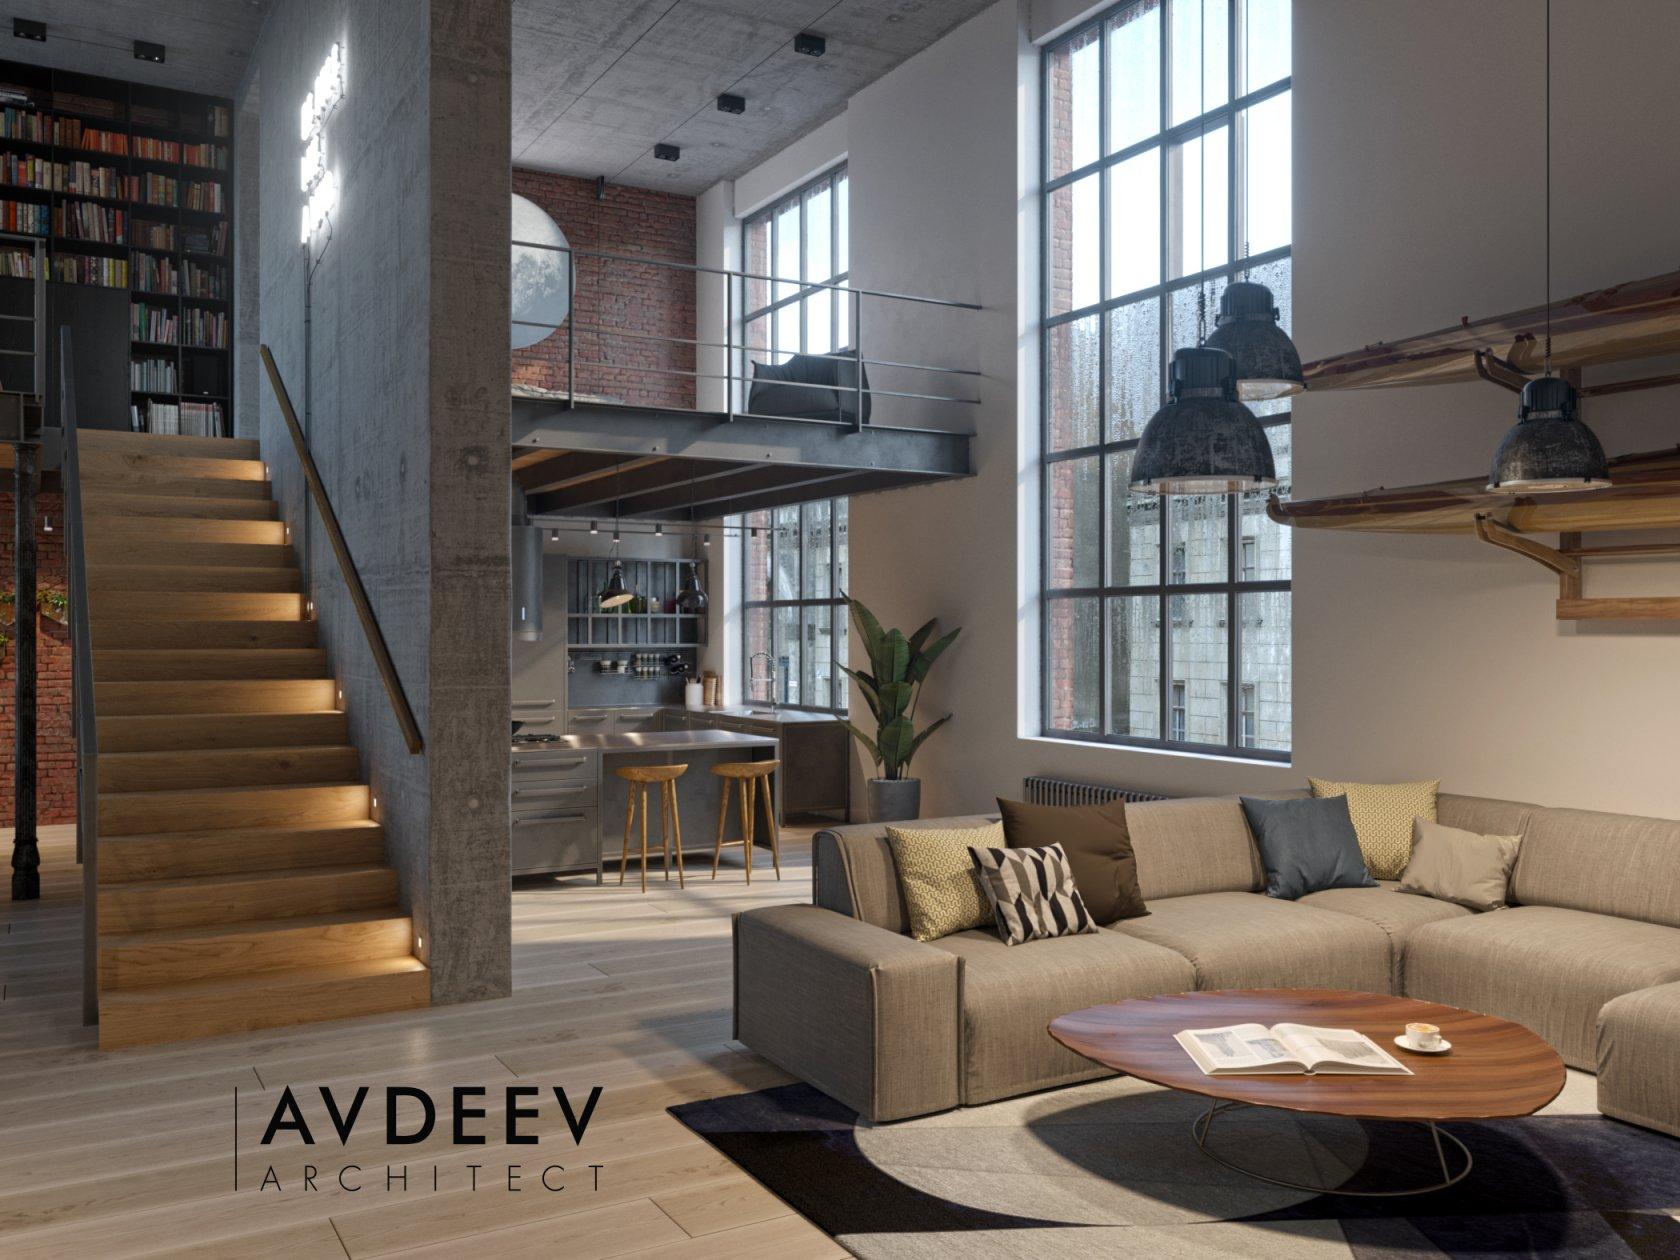 дизайн интерьера квартиры лофт студия AVDEEV ARCHITECT